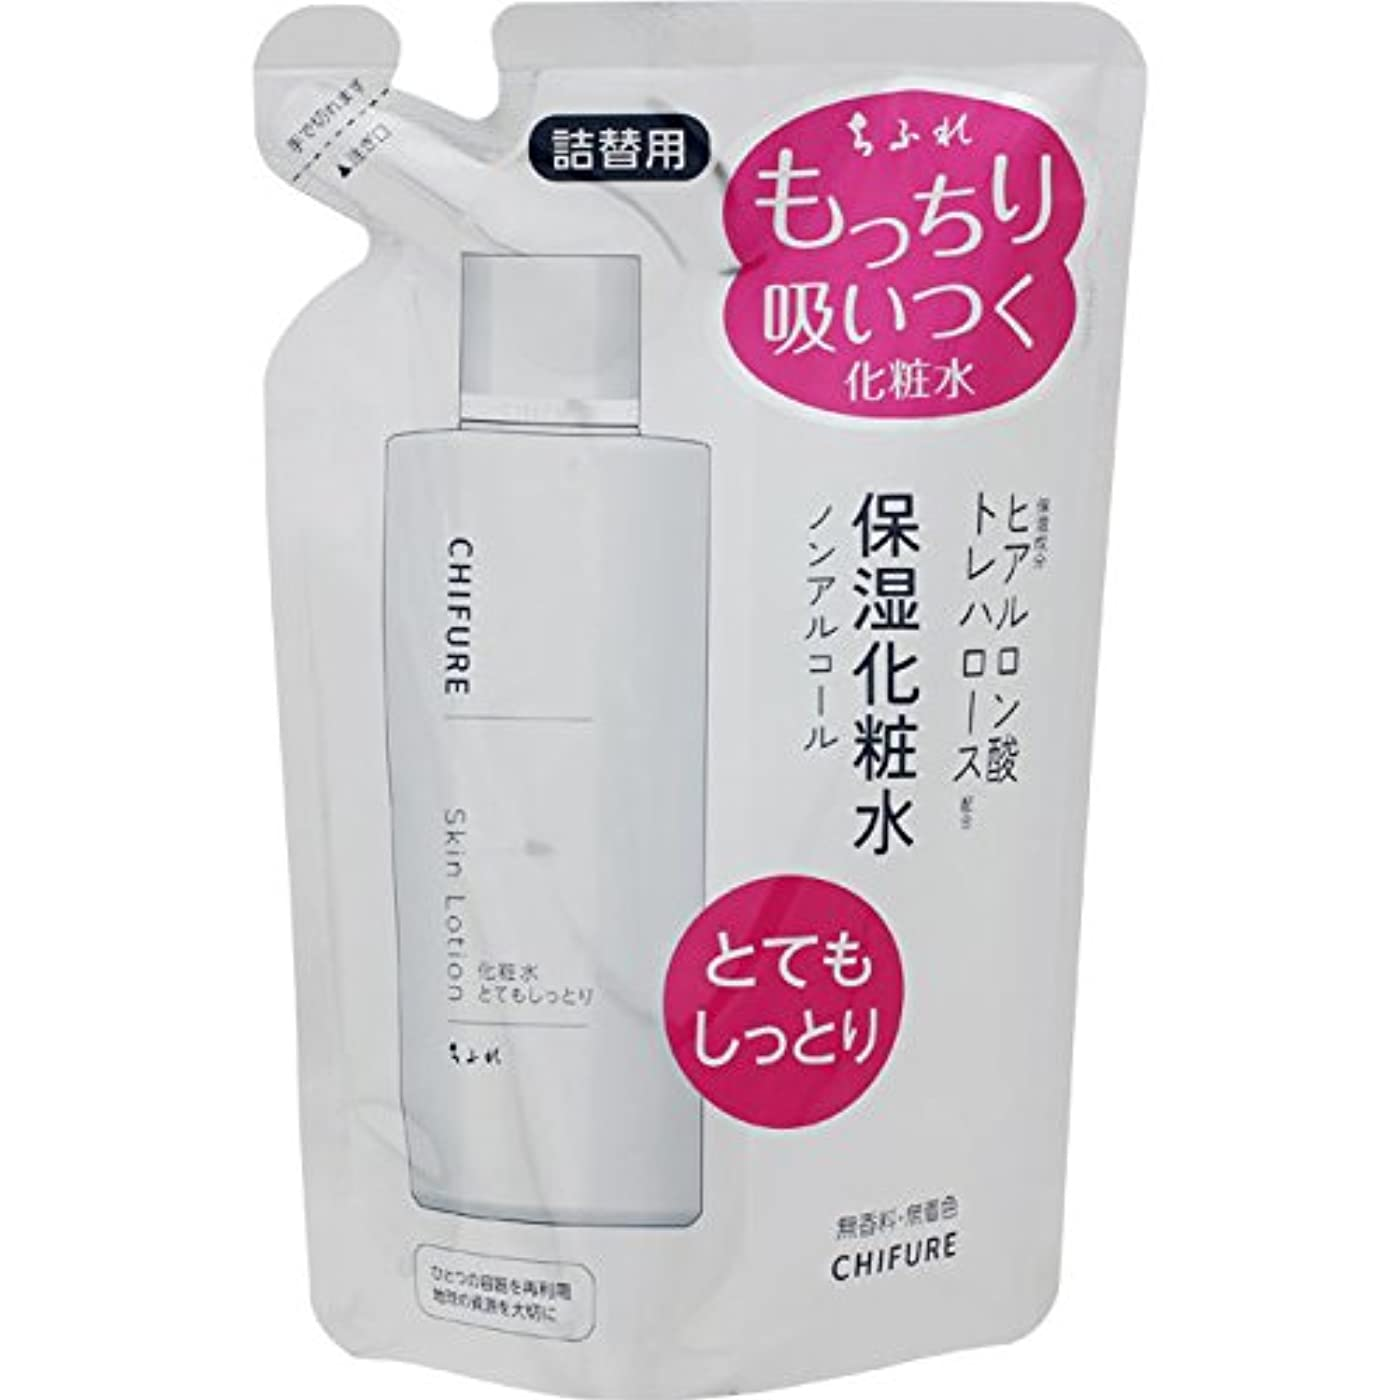 ちふれ化粧品 化粧水 とてもしっとりタイプ 詰替用 150ML